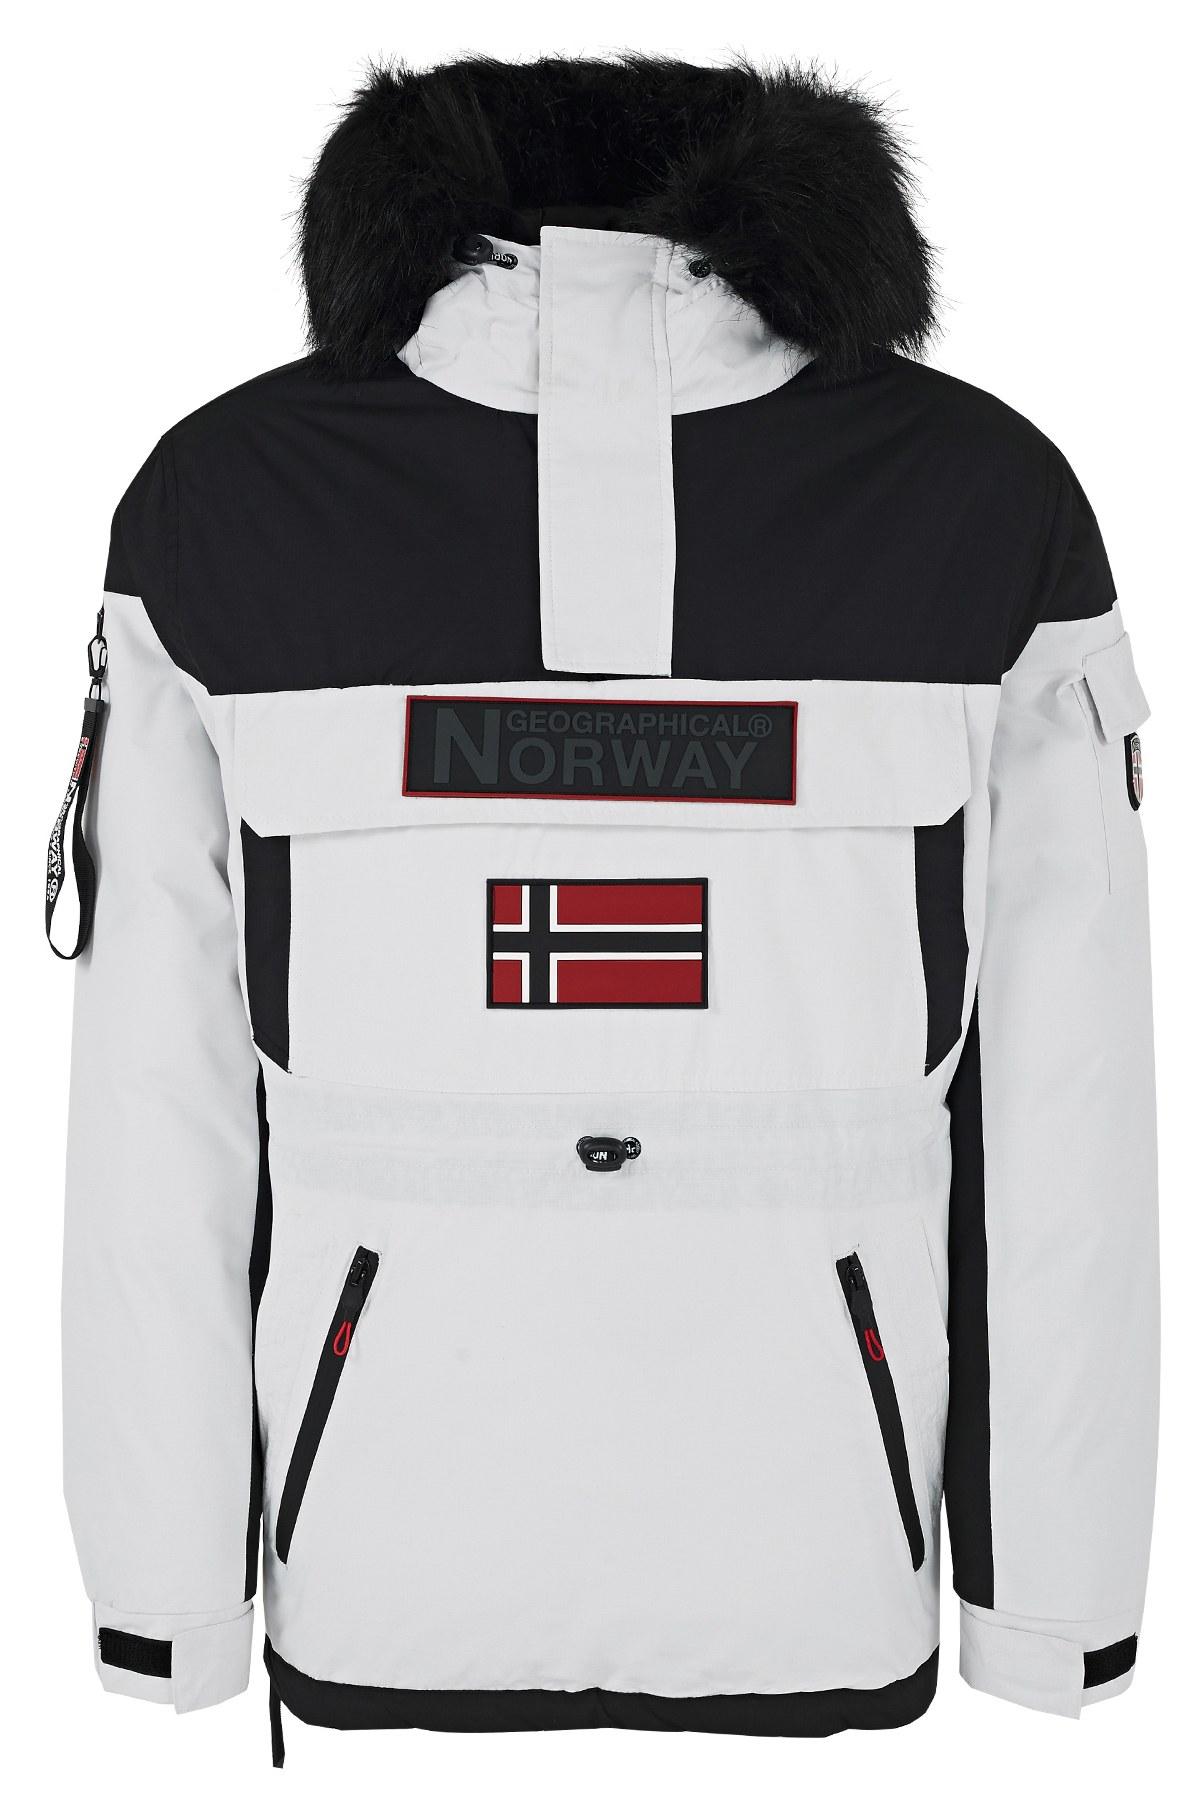 Norway Geographical Kapüşonlu Soğuğa Dayanıklı Outdoor Erkek Parka BRUNO N BEYAZ